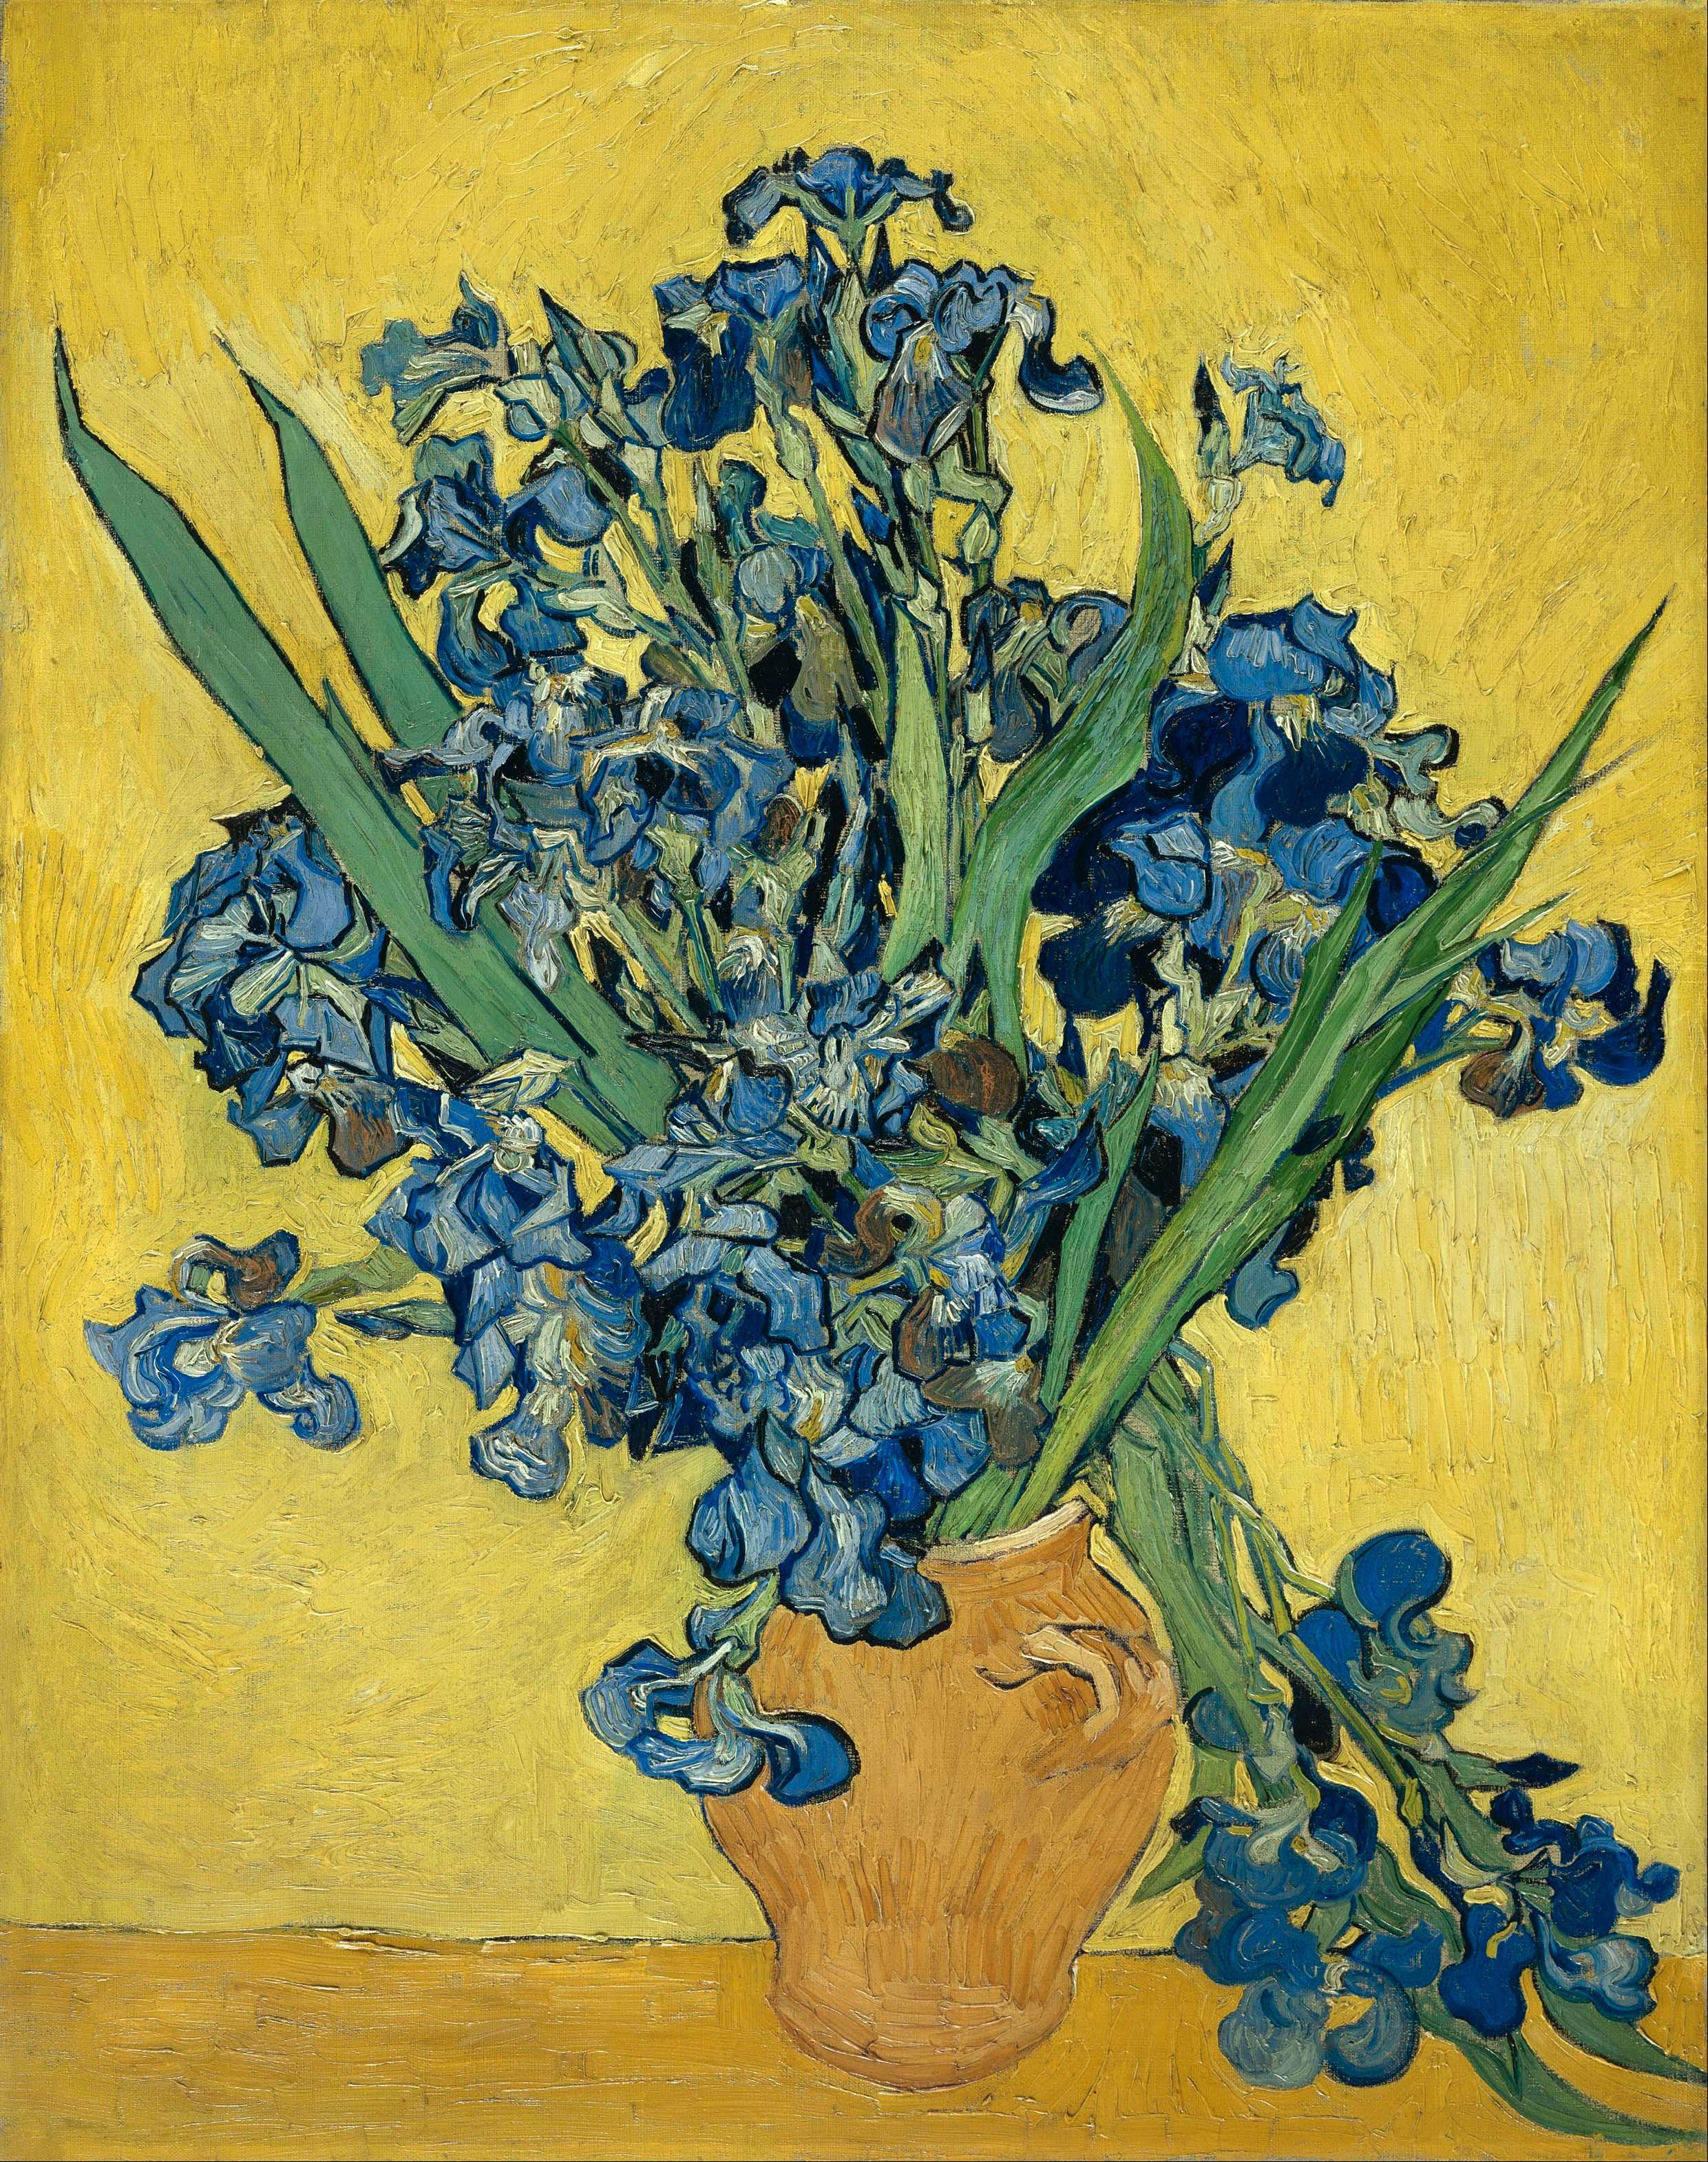 Vincent van Gogh - Irises - Google Art Project.jpg